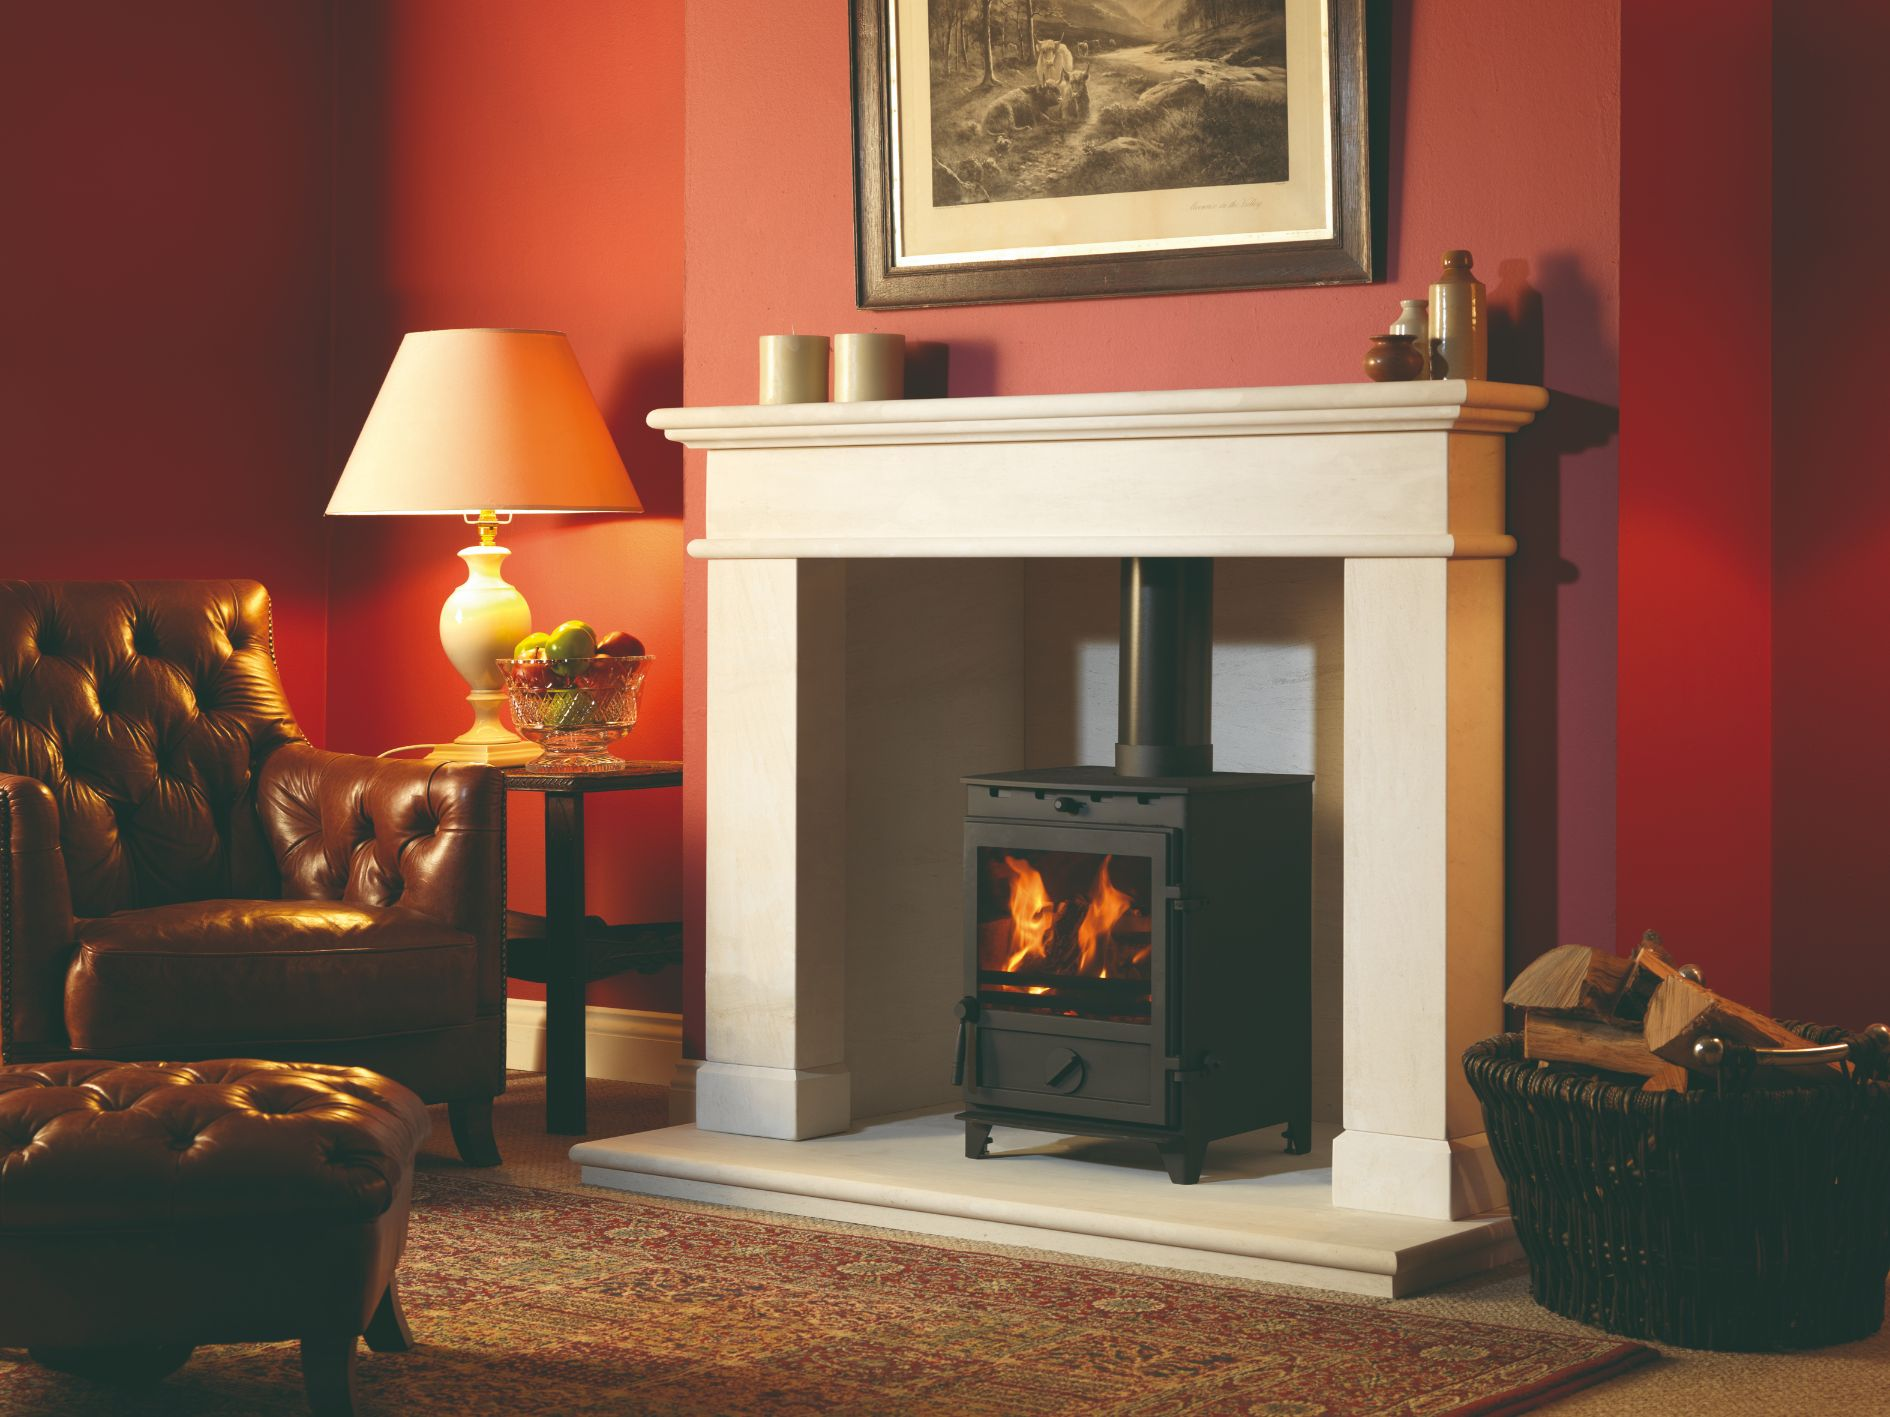 Balmoral Limestone Chamber Fireplace Surround